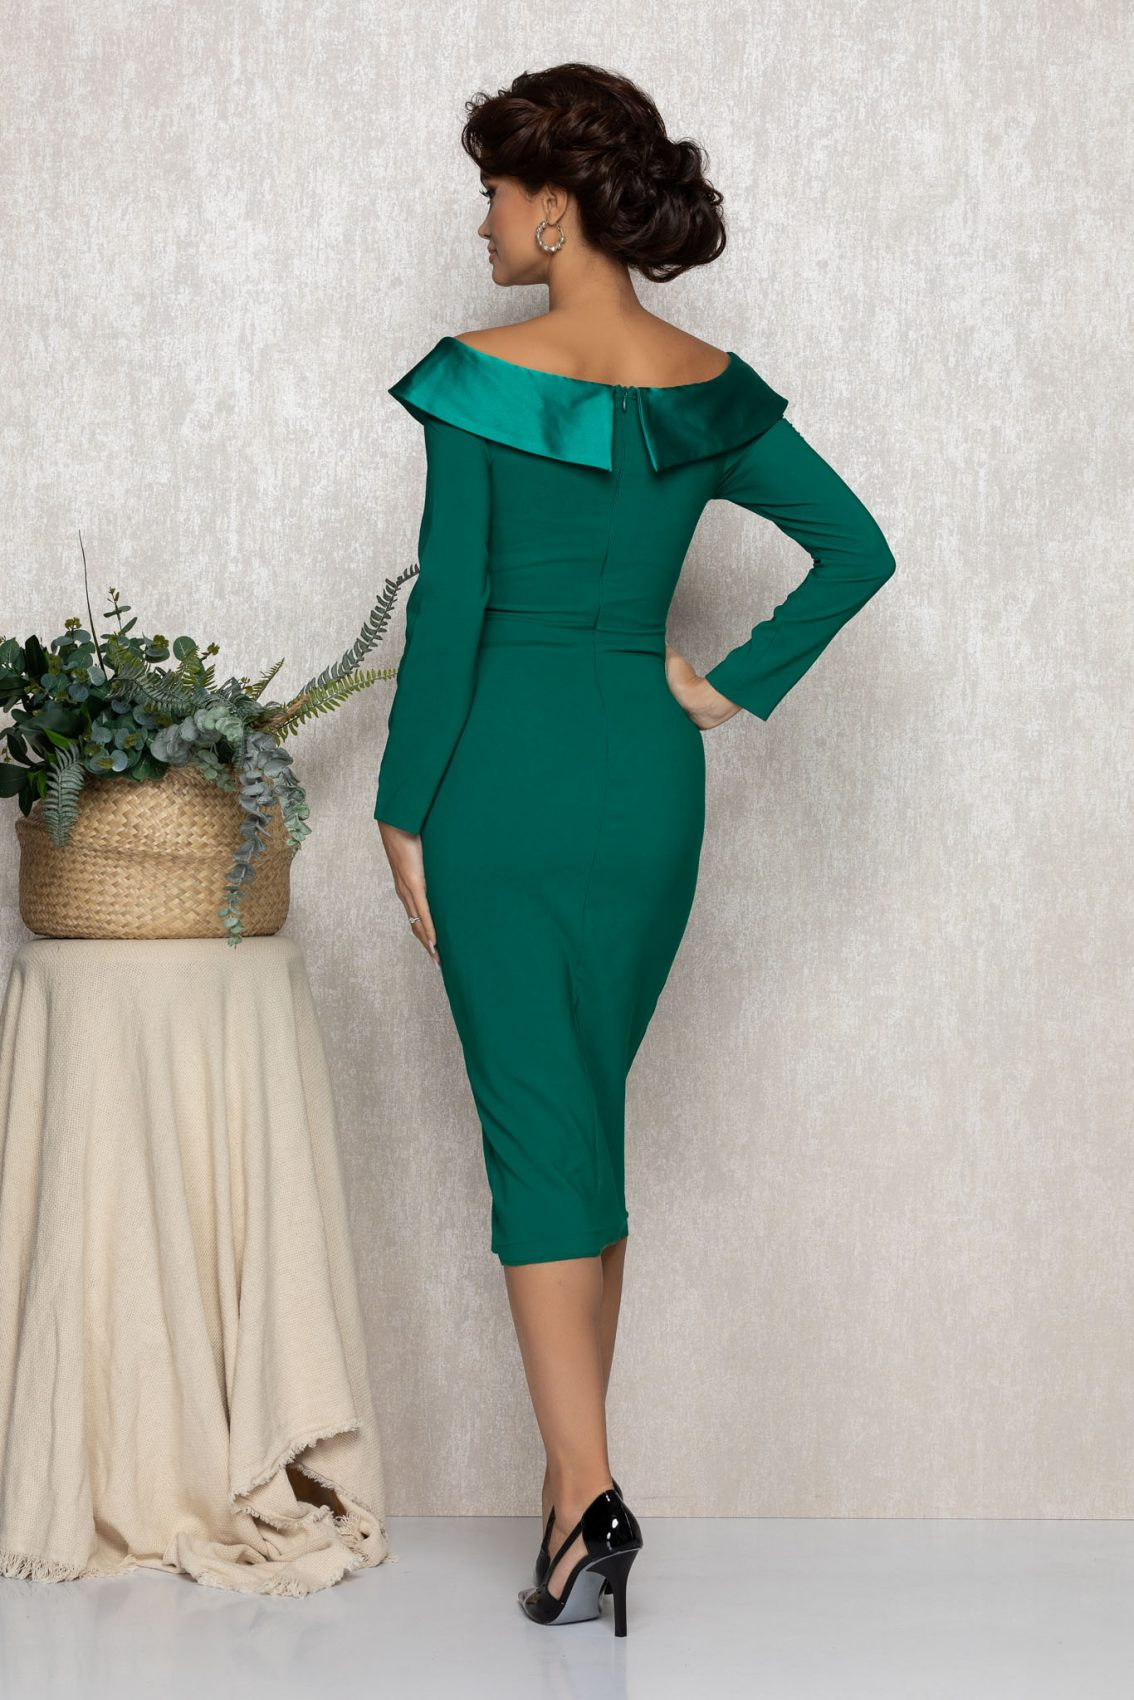 Πράσινο Μίντι Μακρυμάνικο Αμπιγιέ Φόρεμα Felly T167 2